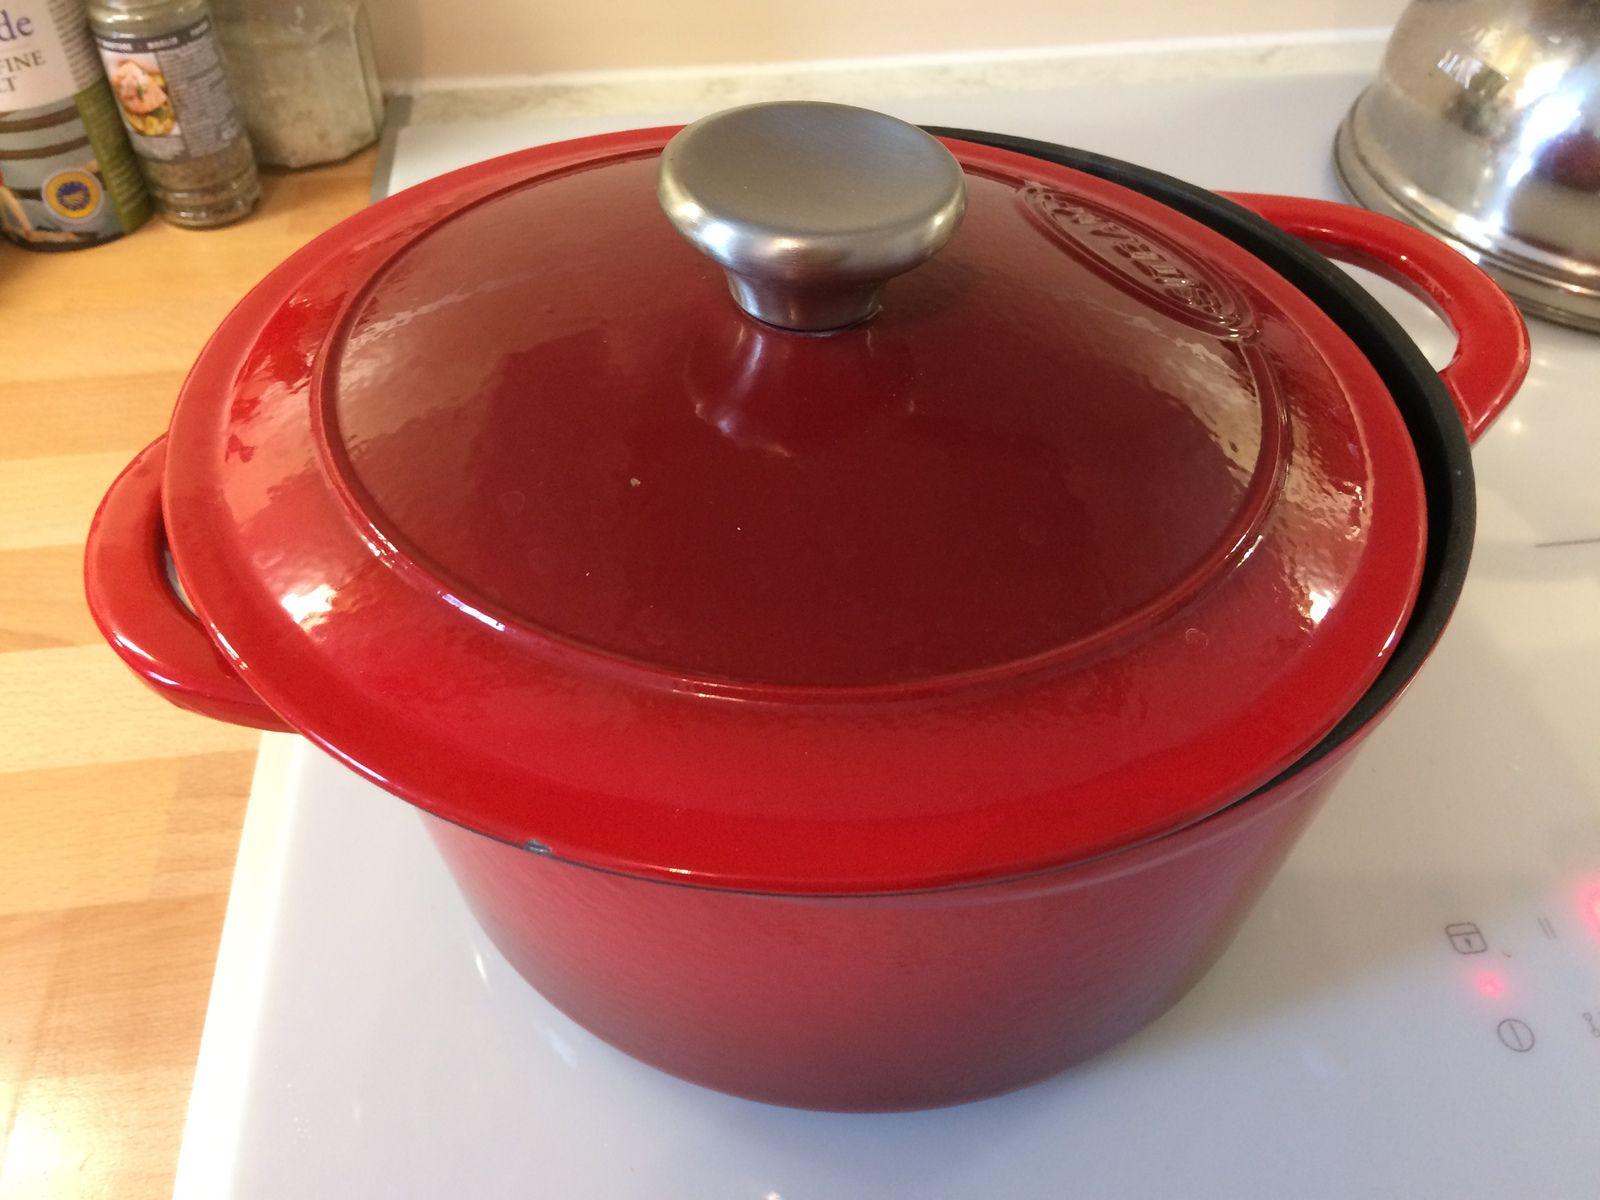 On fait cuire ensuite 30 à 40 mn à petits bouillons à couvert (goûter de temps en temps) mais en laissant la vapeur s'échapper un peu, afin d'éviter que les lentilles corail ne se transforment en purée.